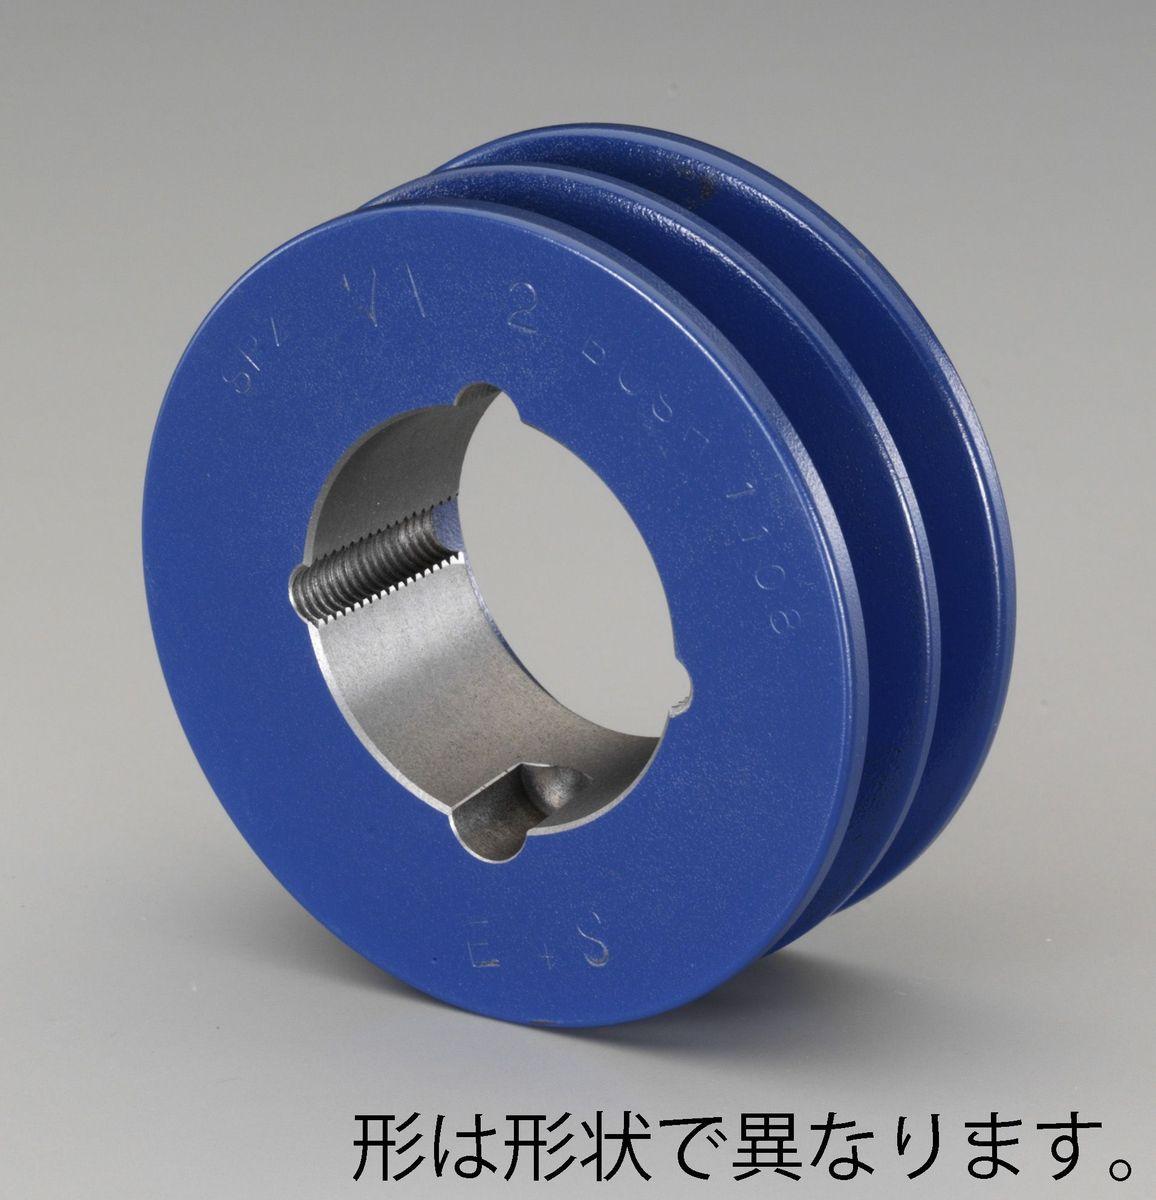 エスコ ESCO 265mm 2本構 Vプーリー SPプーリー/10U 000012266113 JP店